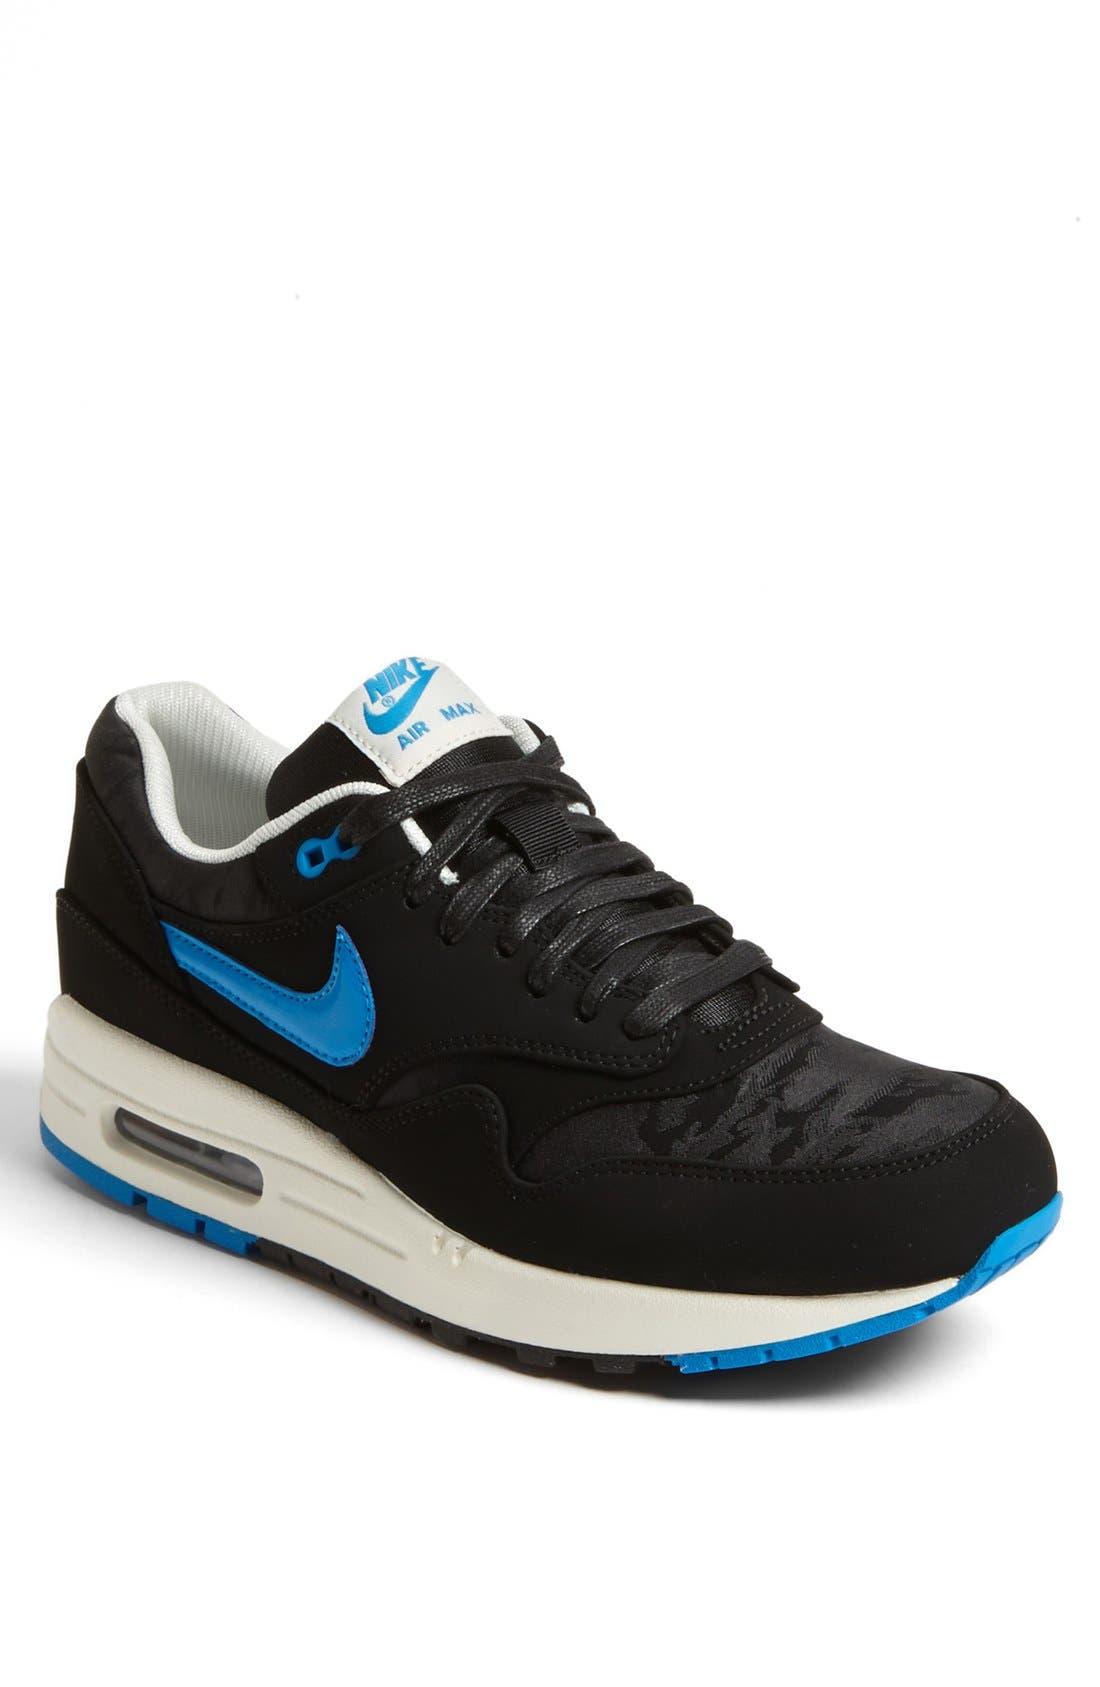 NIKE, 'Air Max 1 Premium' Sneaker, Main thumbnail 1, color, 014